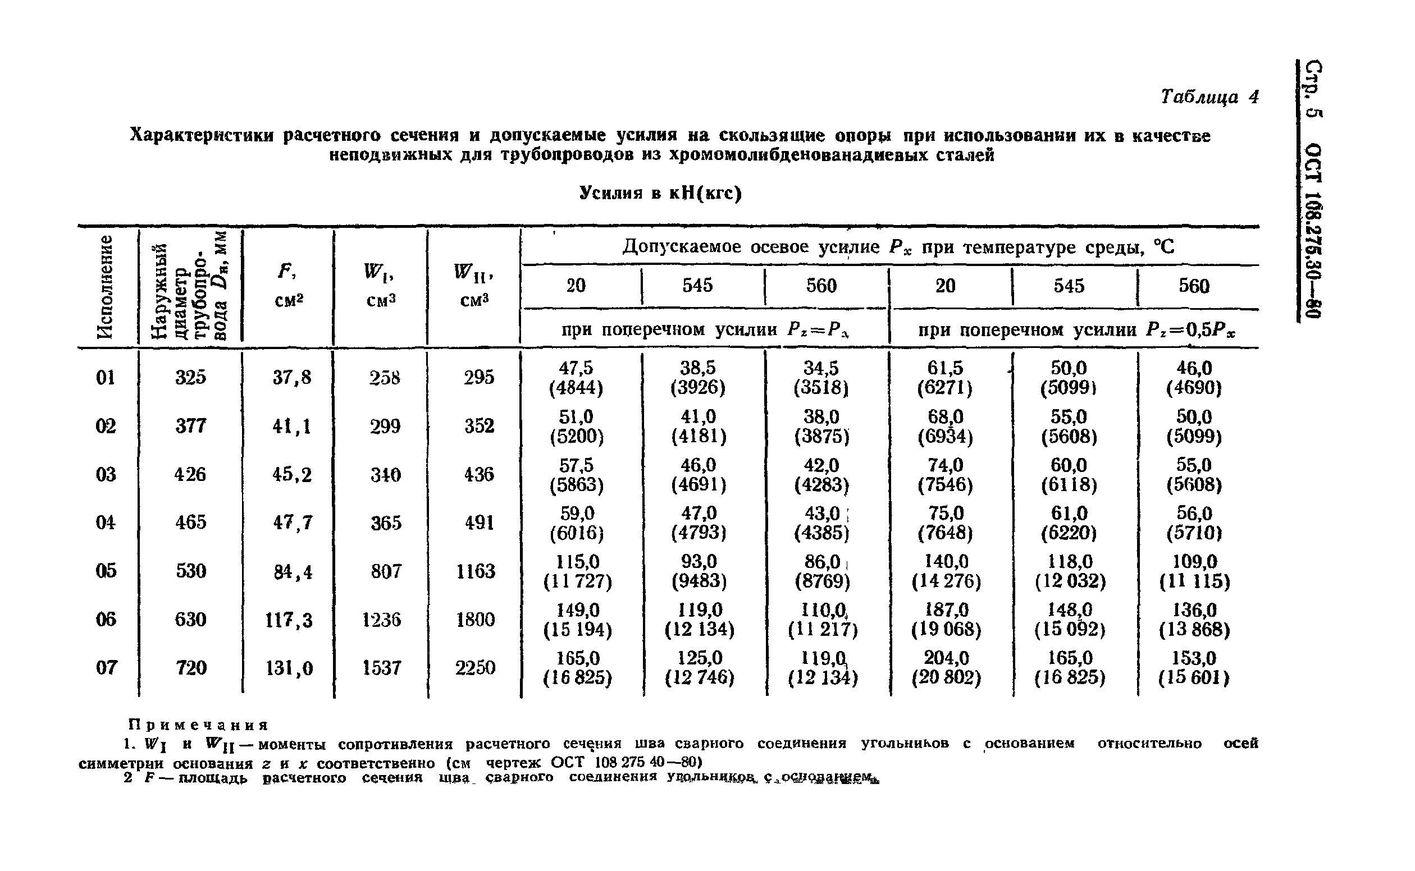 Опоры скользящие двуххомутовые ОСТ 108.275.30-80 стр.5